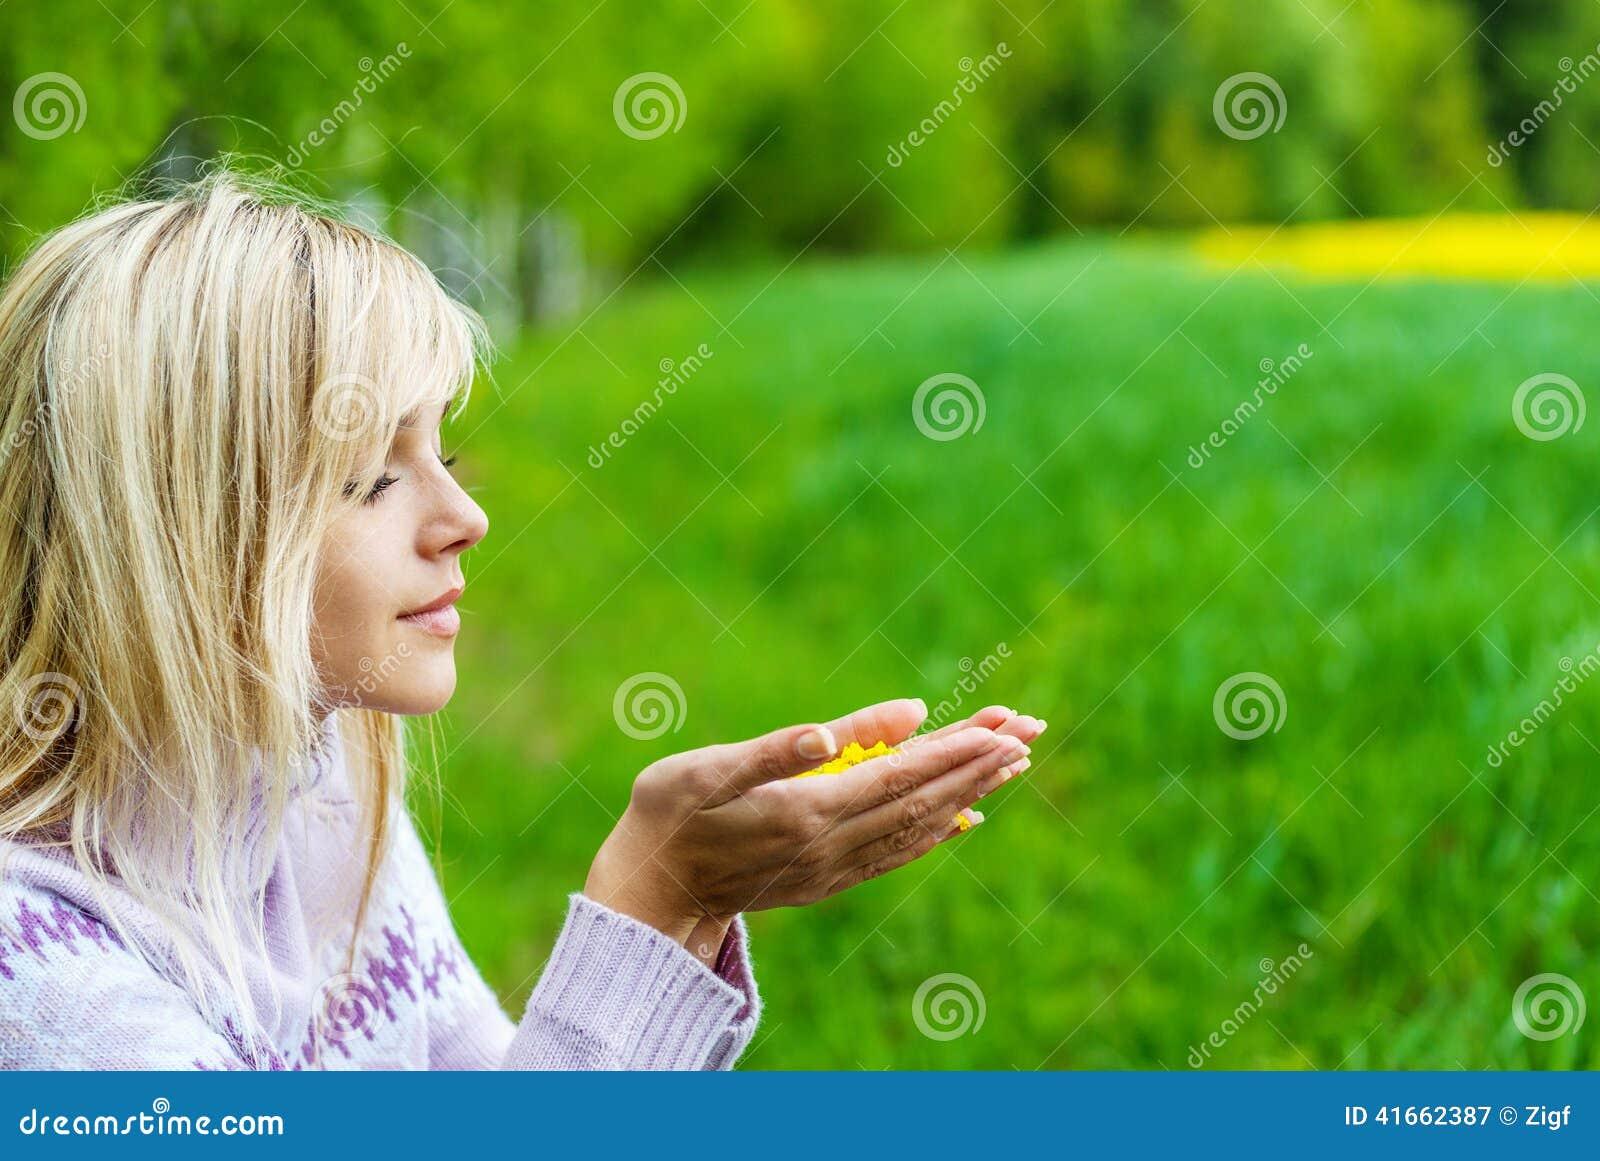 La fille avec des pétales de fleur